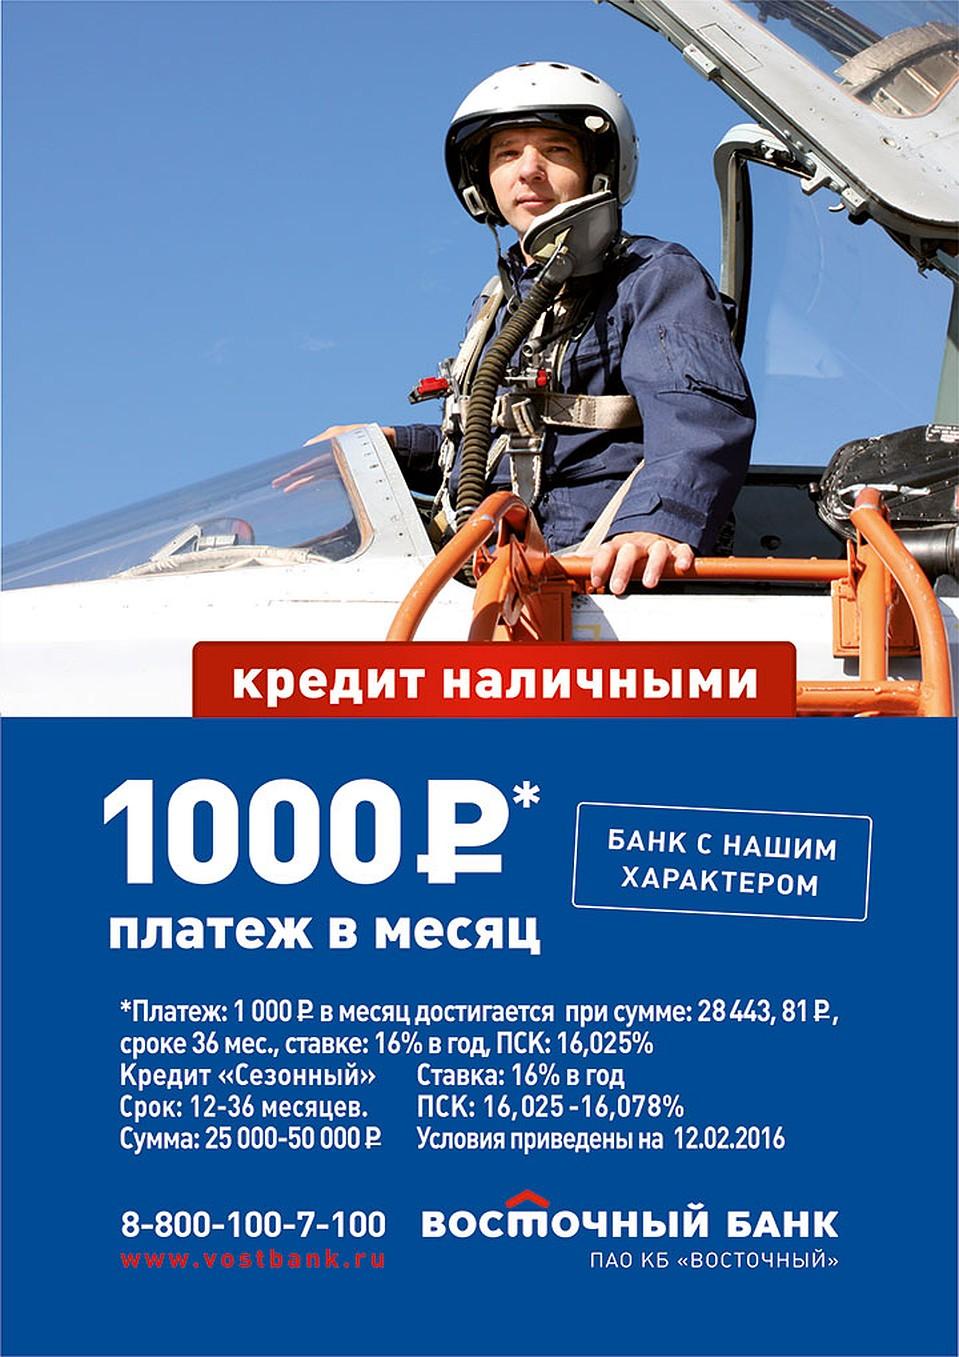 кредит наличными 50 000 рублей